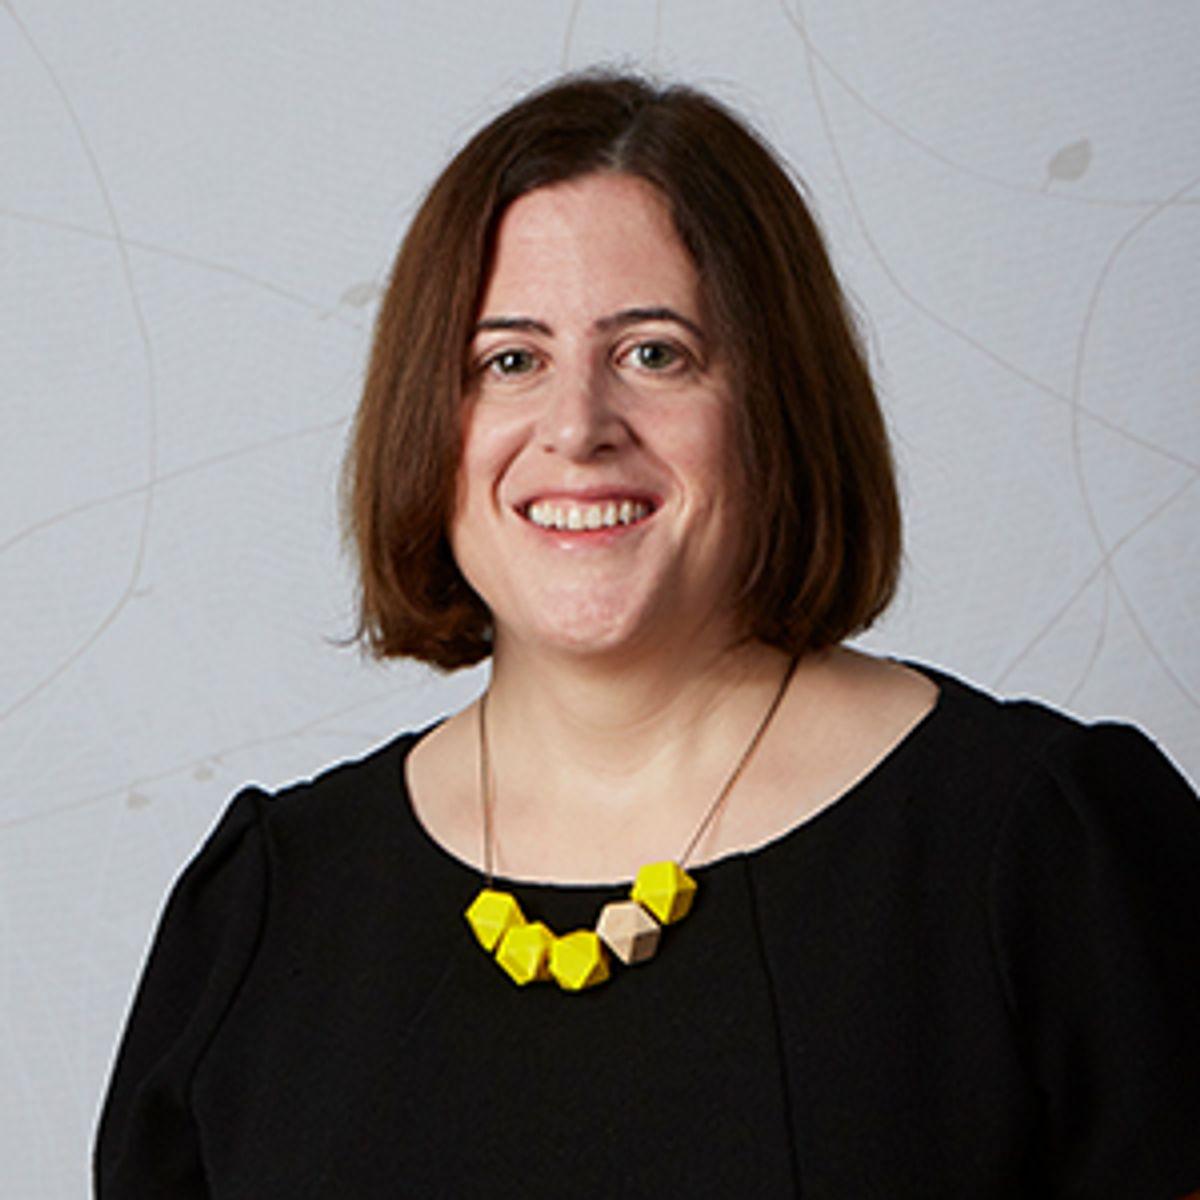 Naomi O'Higgins